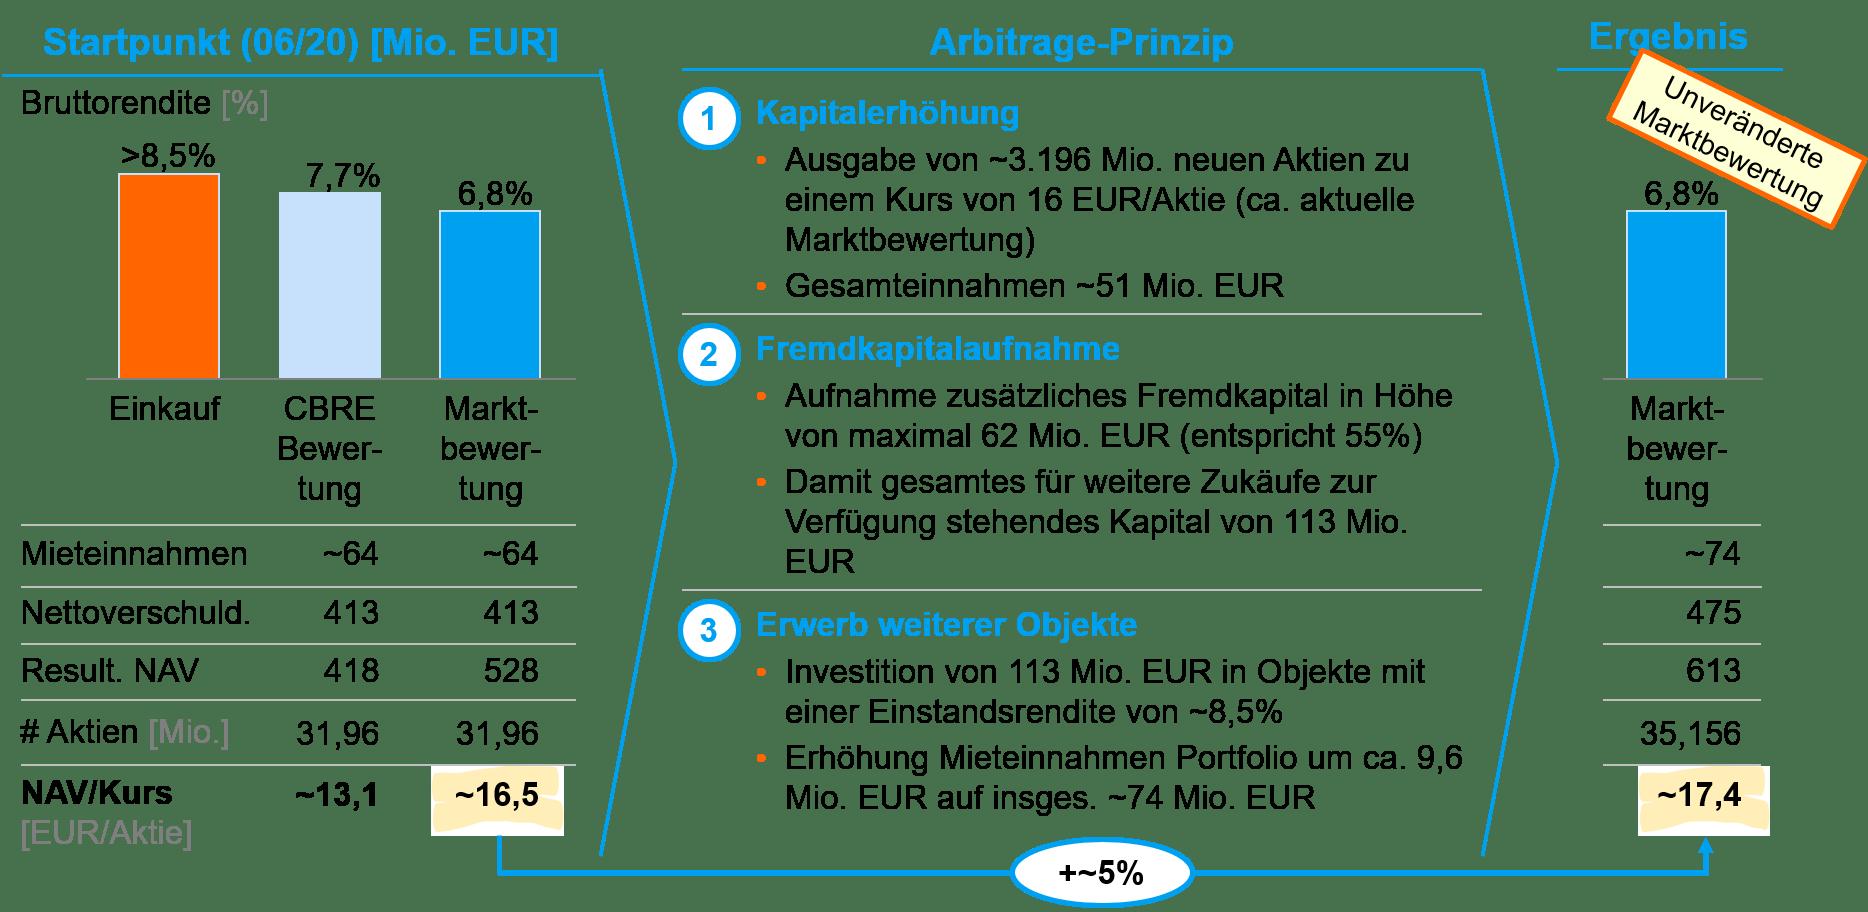 Arbitrage-Prinzip Deutsche Konsum REIT